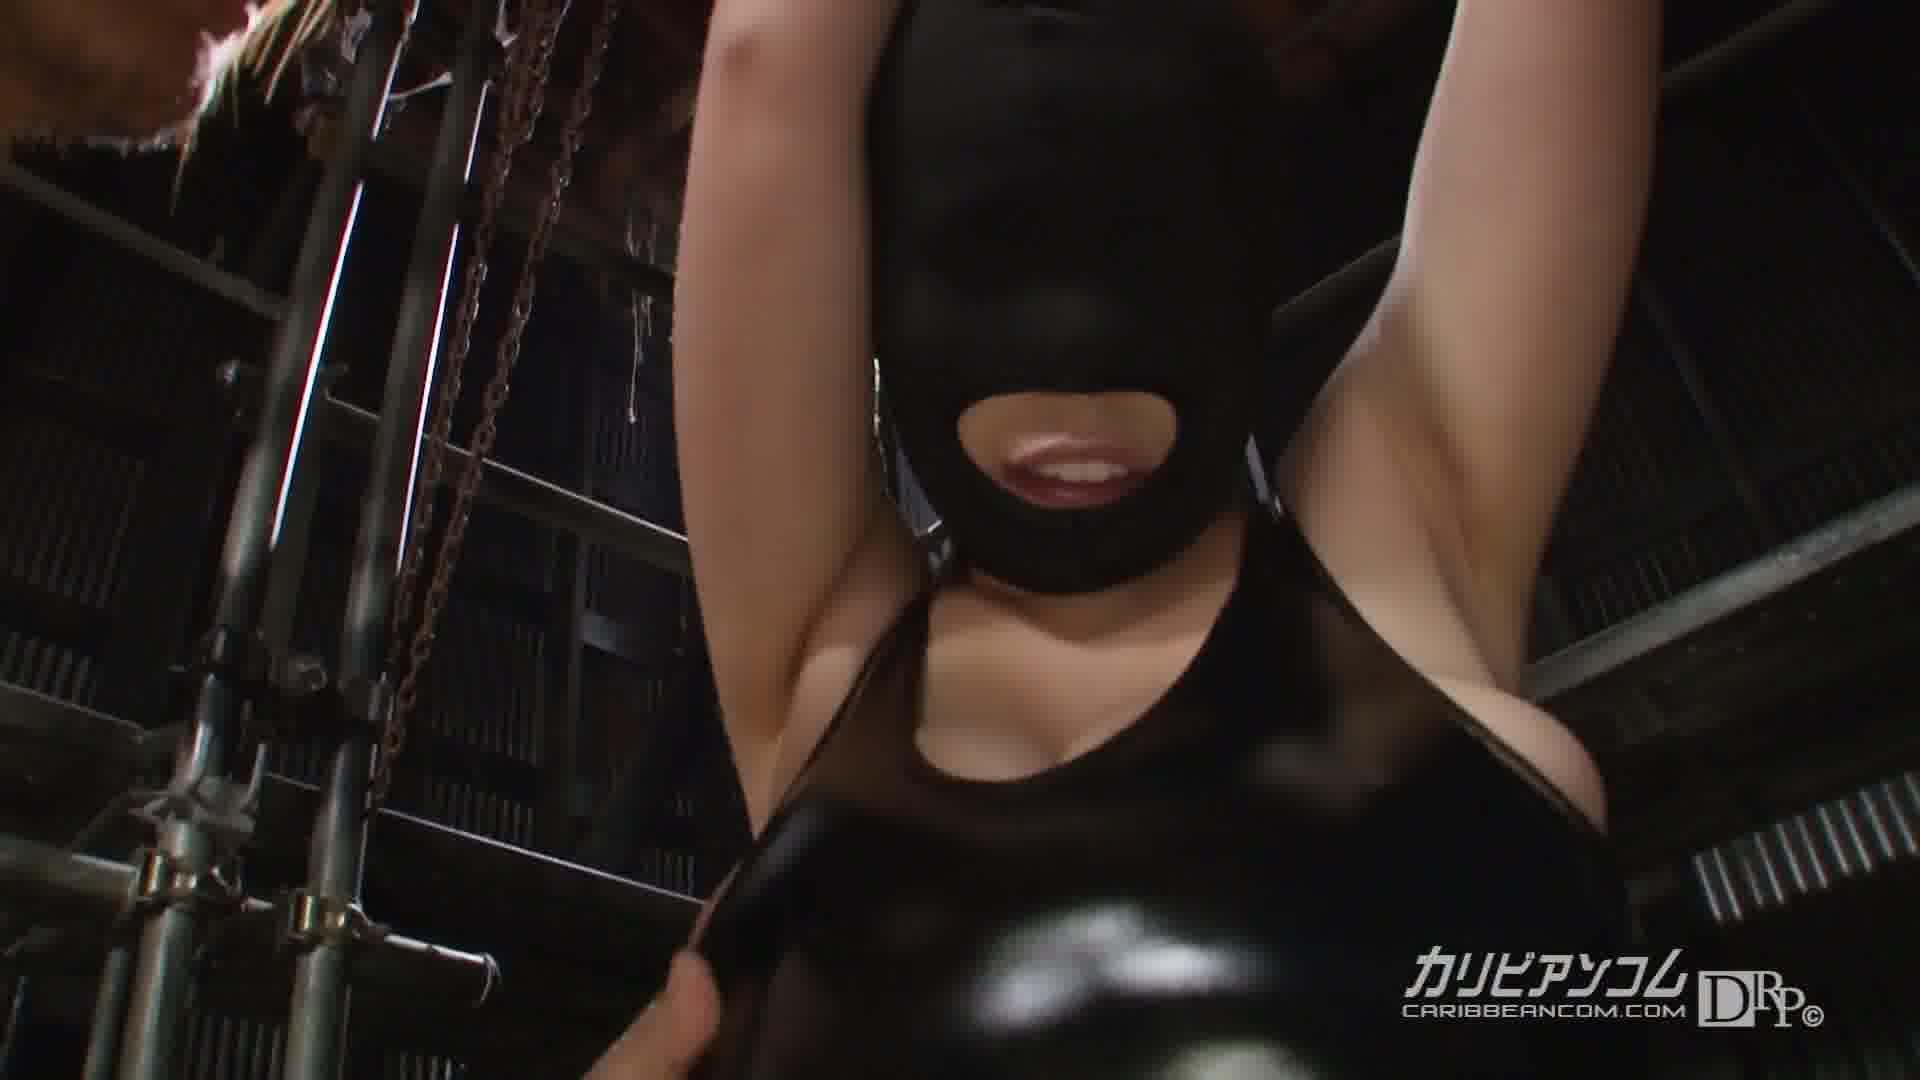 性欲処理マゾマスク ~3サイズアップのLカップになって復活~ - 性欲処理マゾマスク 06号【ボンテージ・SM・イラマチオ】